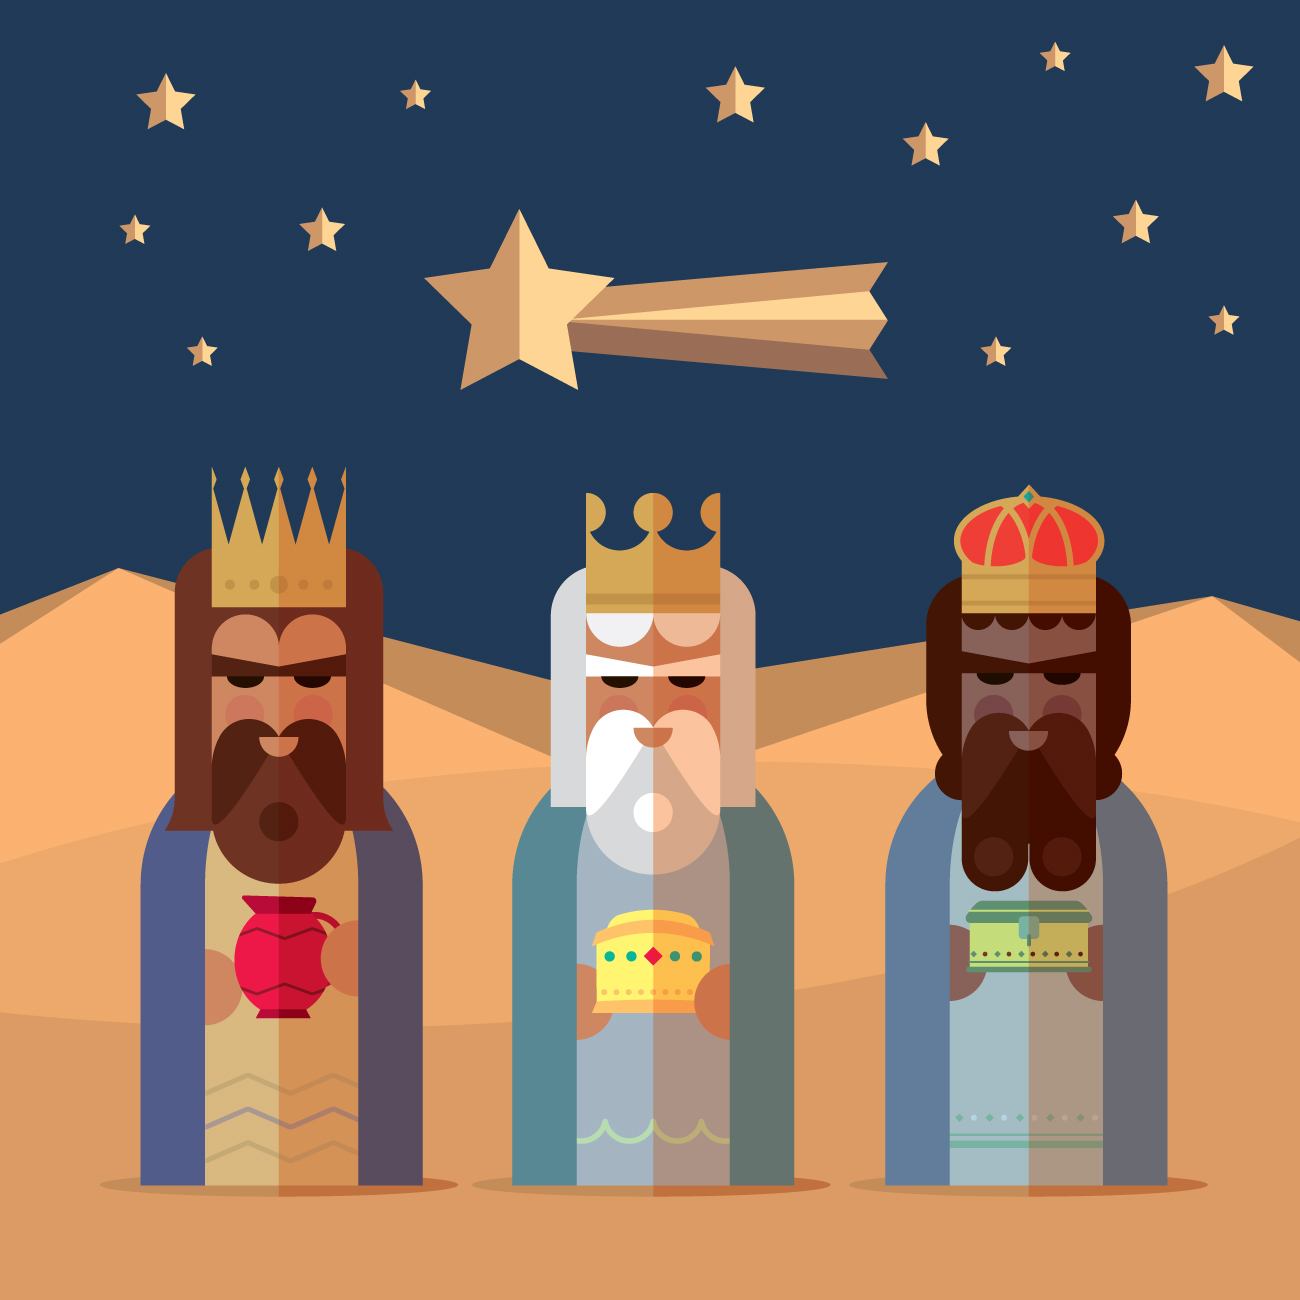 Imagenes Tres Reyes Magos Gratis.Imagenes De Los 3 Reyes Magos Bonitas Para Compartir En